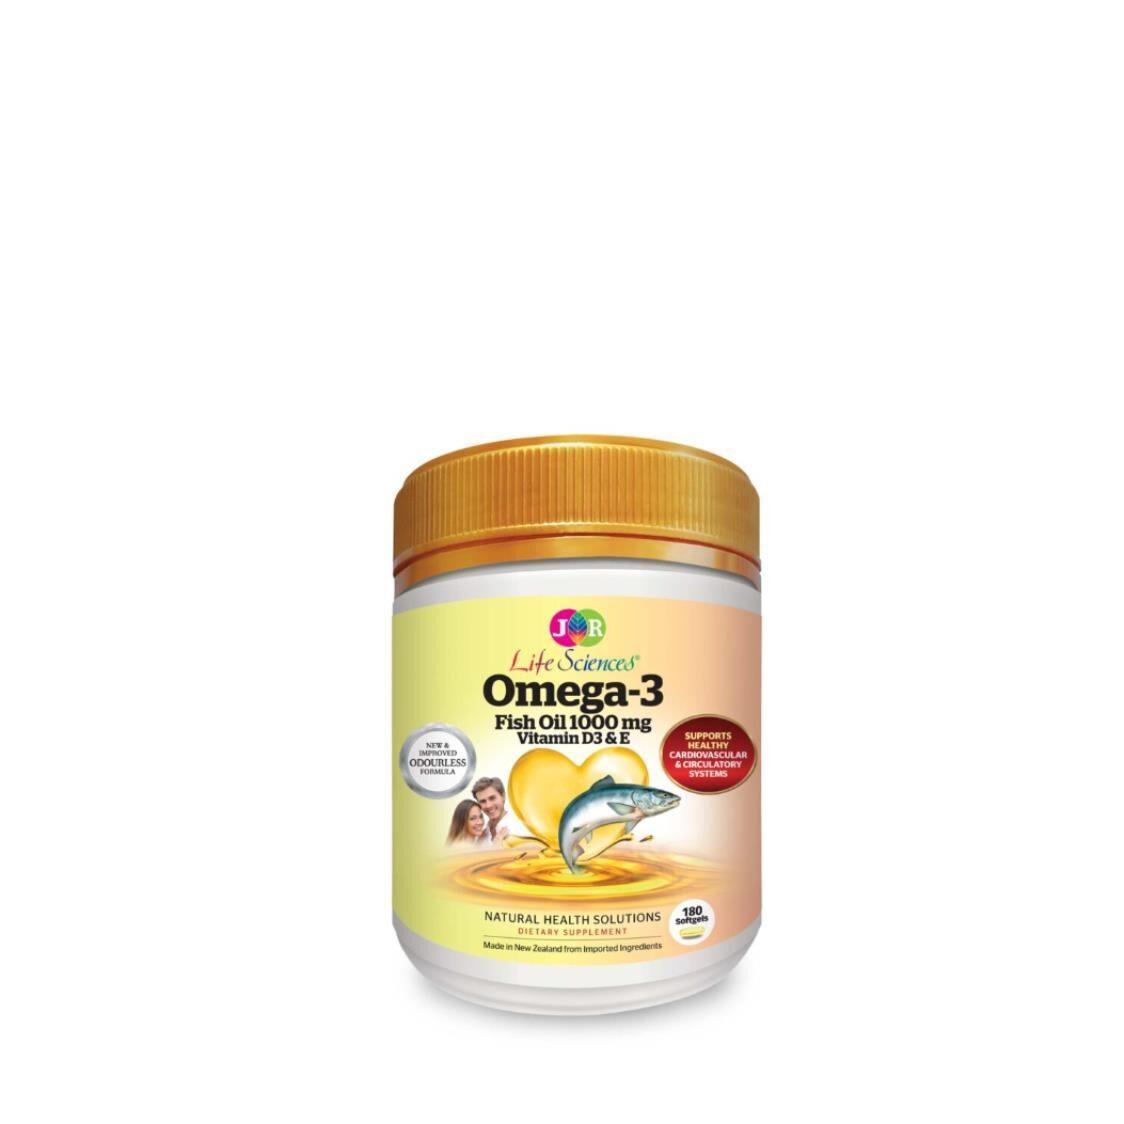 JR Life Sciences Omega-3 Fish Oil 1000mg 180 Softgels